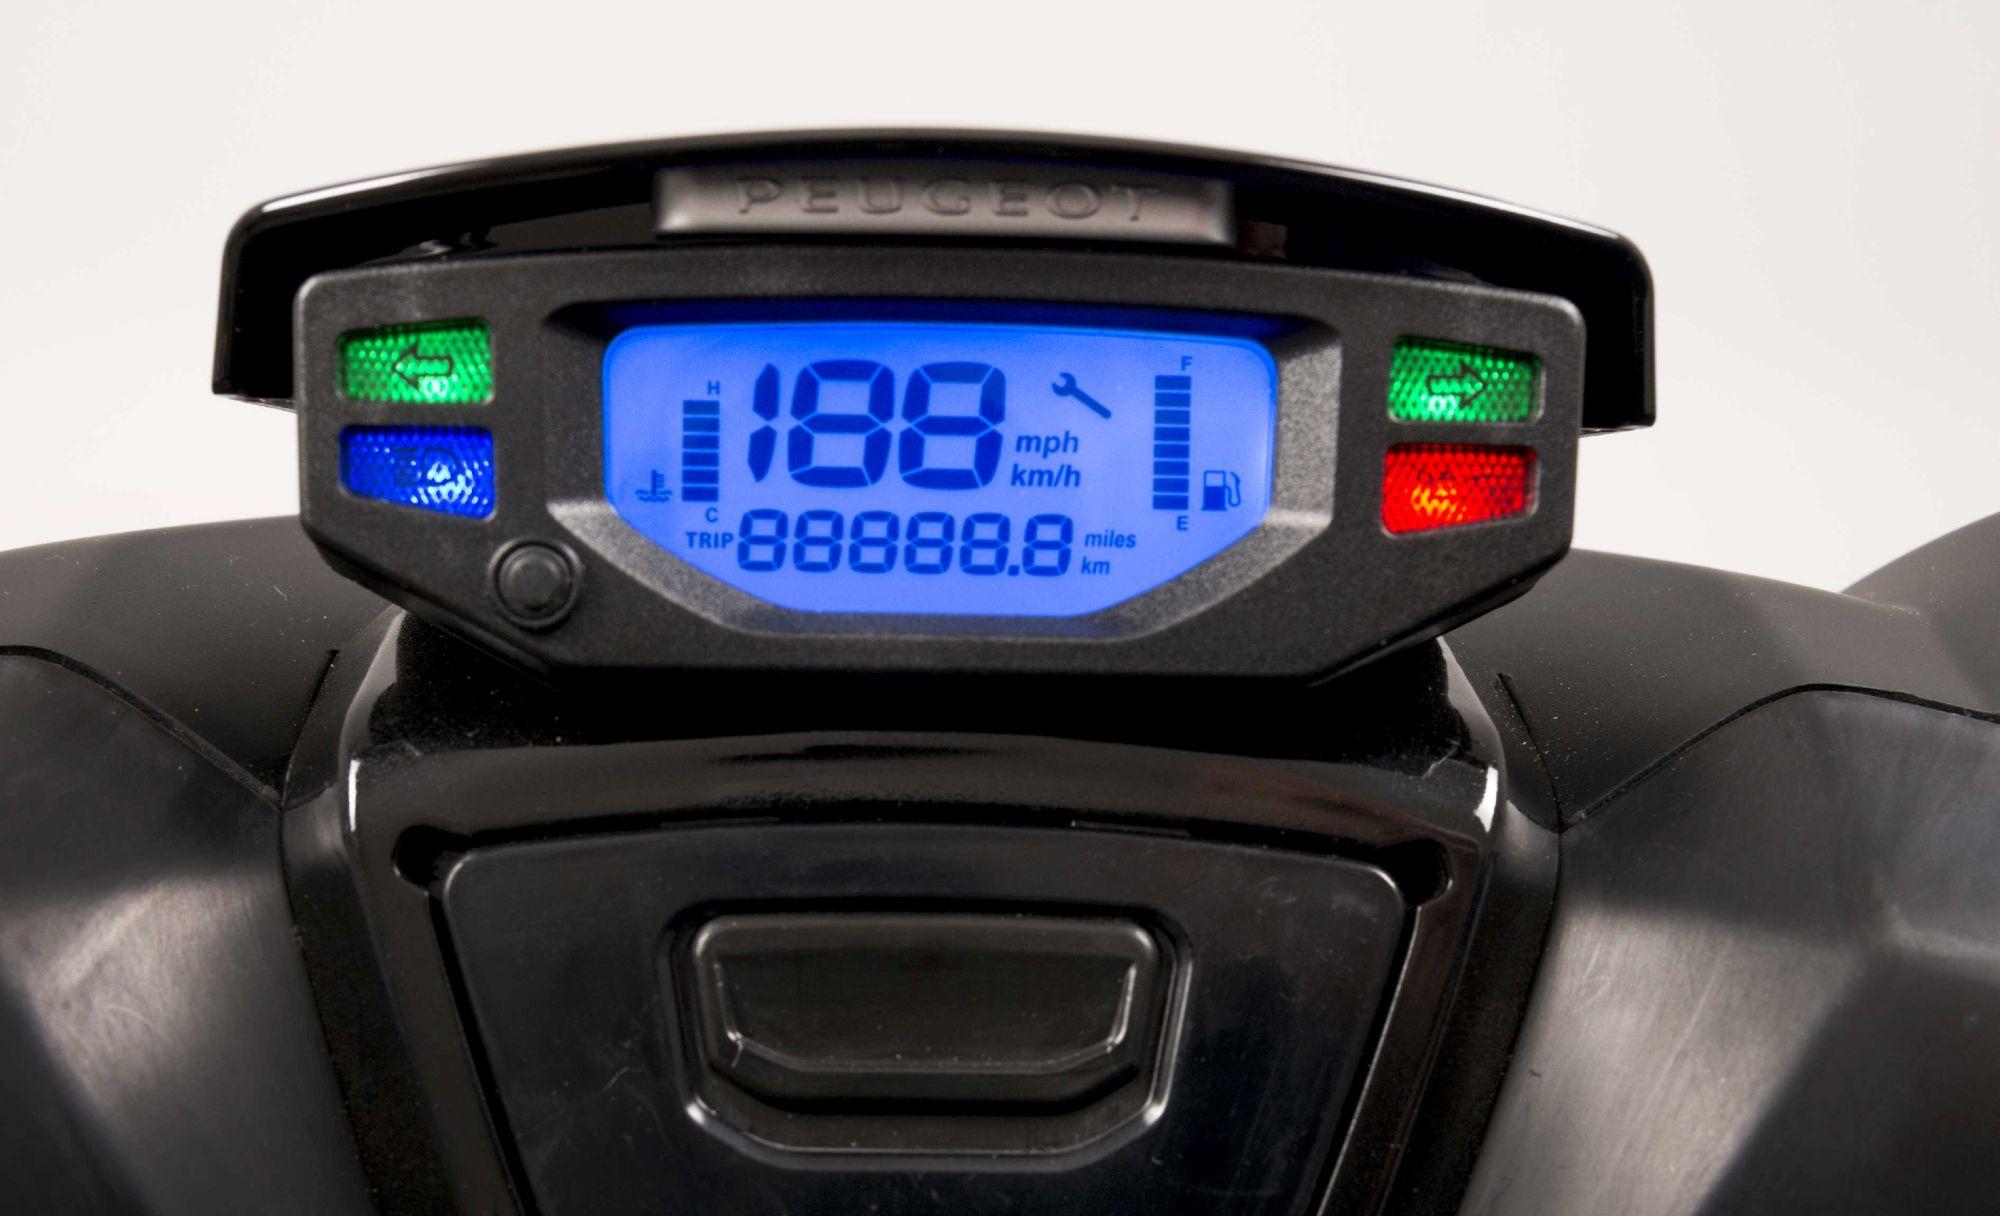 speedfight 3 rs lc daten Peugeot speedfight 3 lc nur 3200 km sondermodell stema anhänger bh- r 750 - (nutzlast: 63 einen voll funktionsfähigen peugeot speedfight2 ein paar daten: erstzulassung: 05/2006 kilometerstand: 7499 km hubraum: 100 cm3.